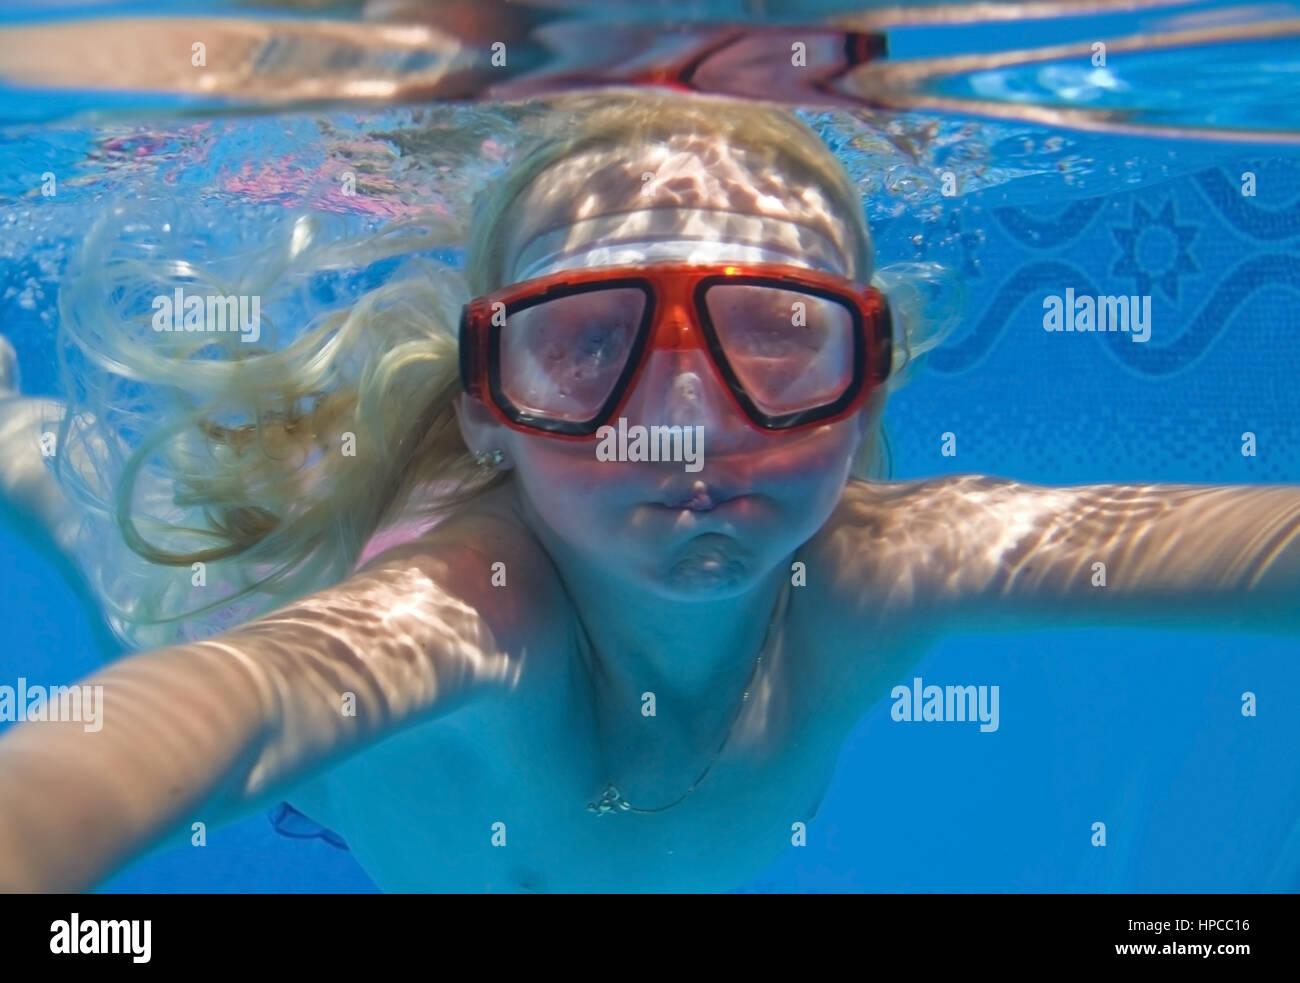 Maedchen mit Taucherbrille schwimmt Unterwasser - chica con buceo googles nadando bajo el agua. Foto de stock